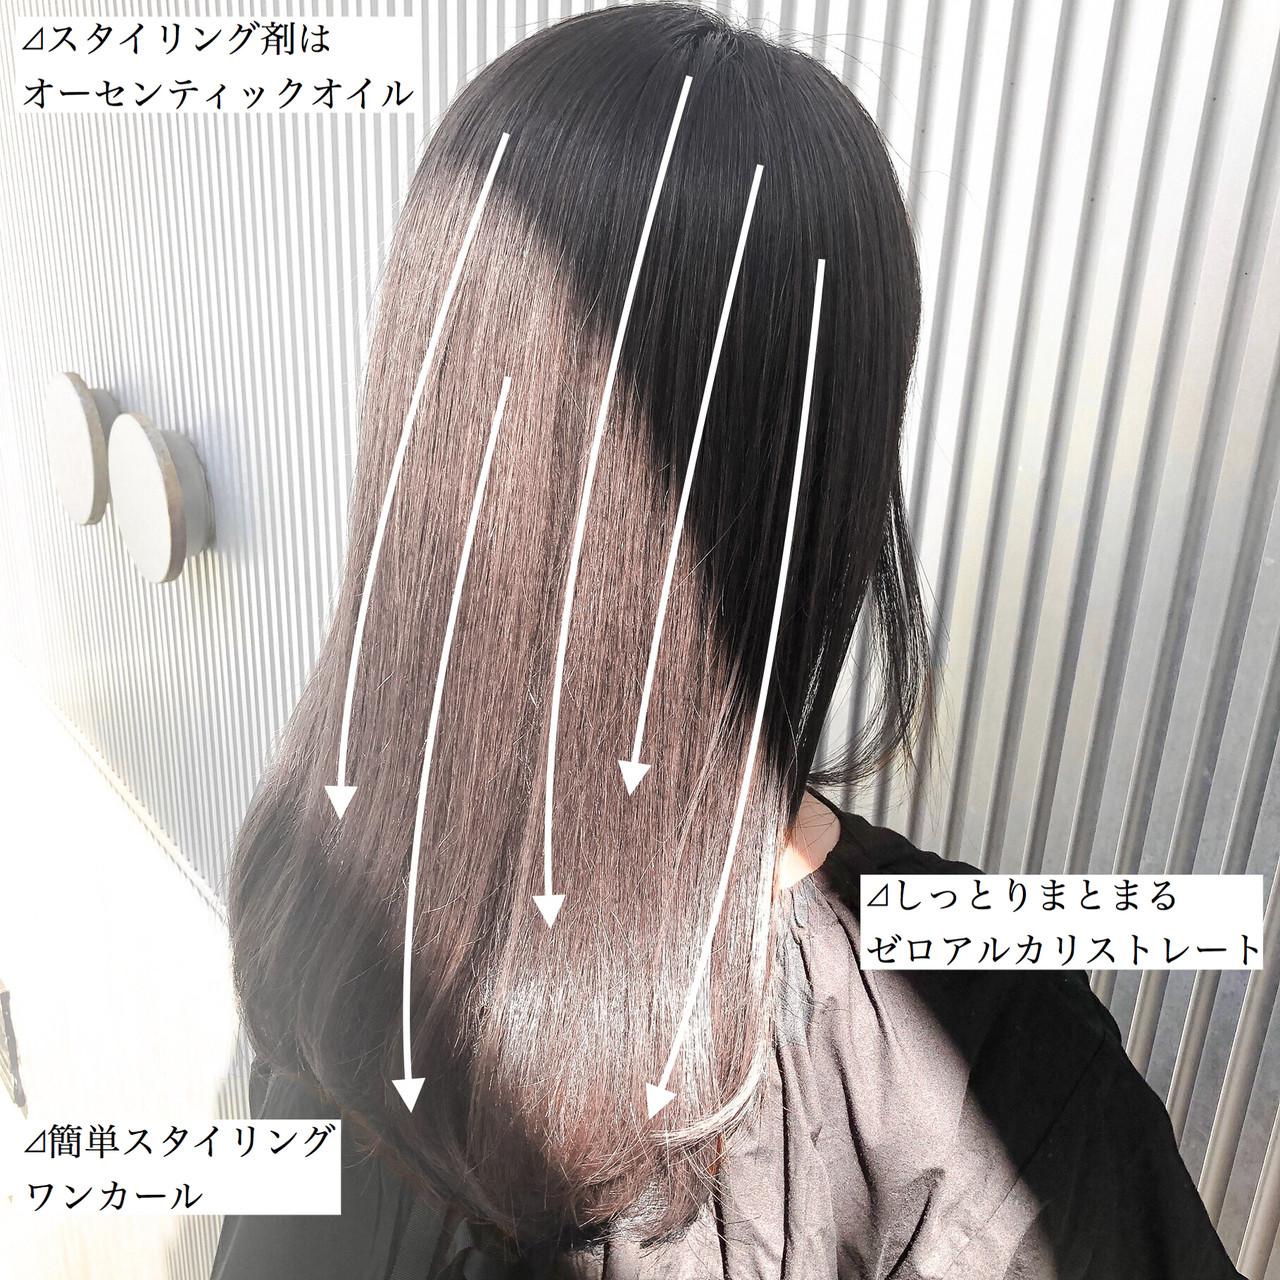 ストレート ナチュラル ミルクティーグレージュ 前髪 ヘアスタイルや髪型の写真・画像